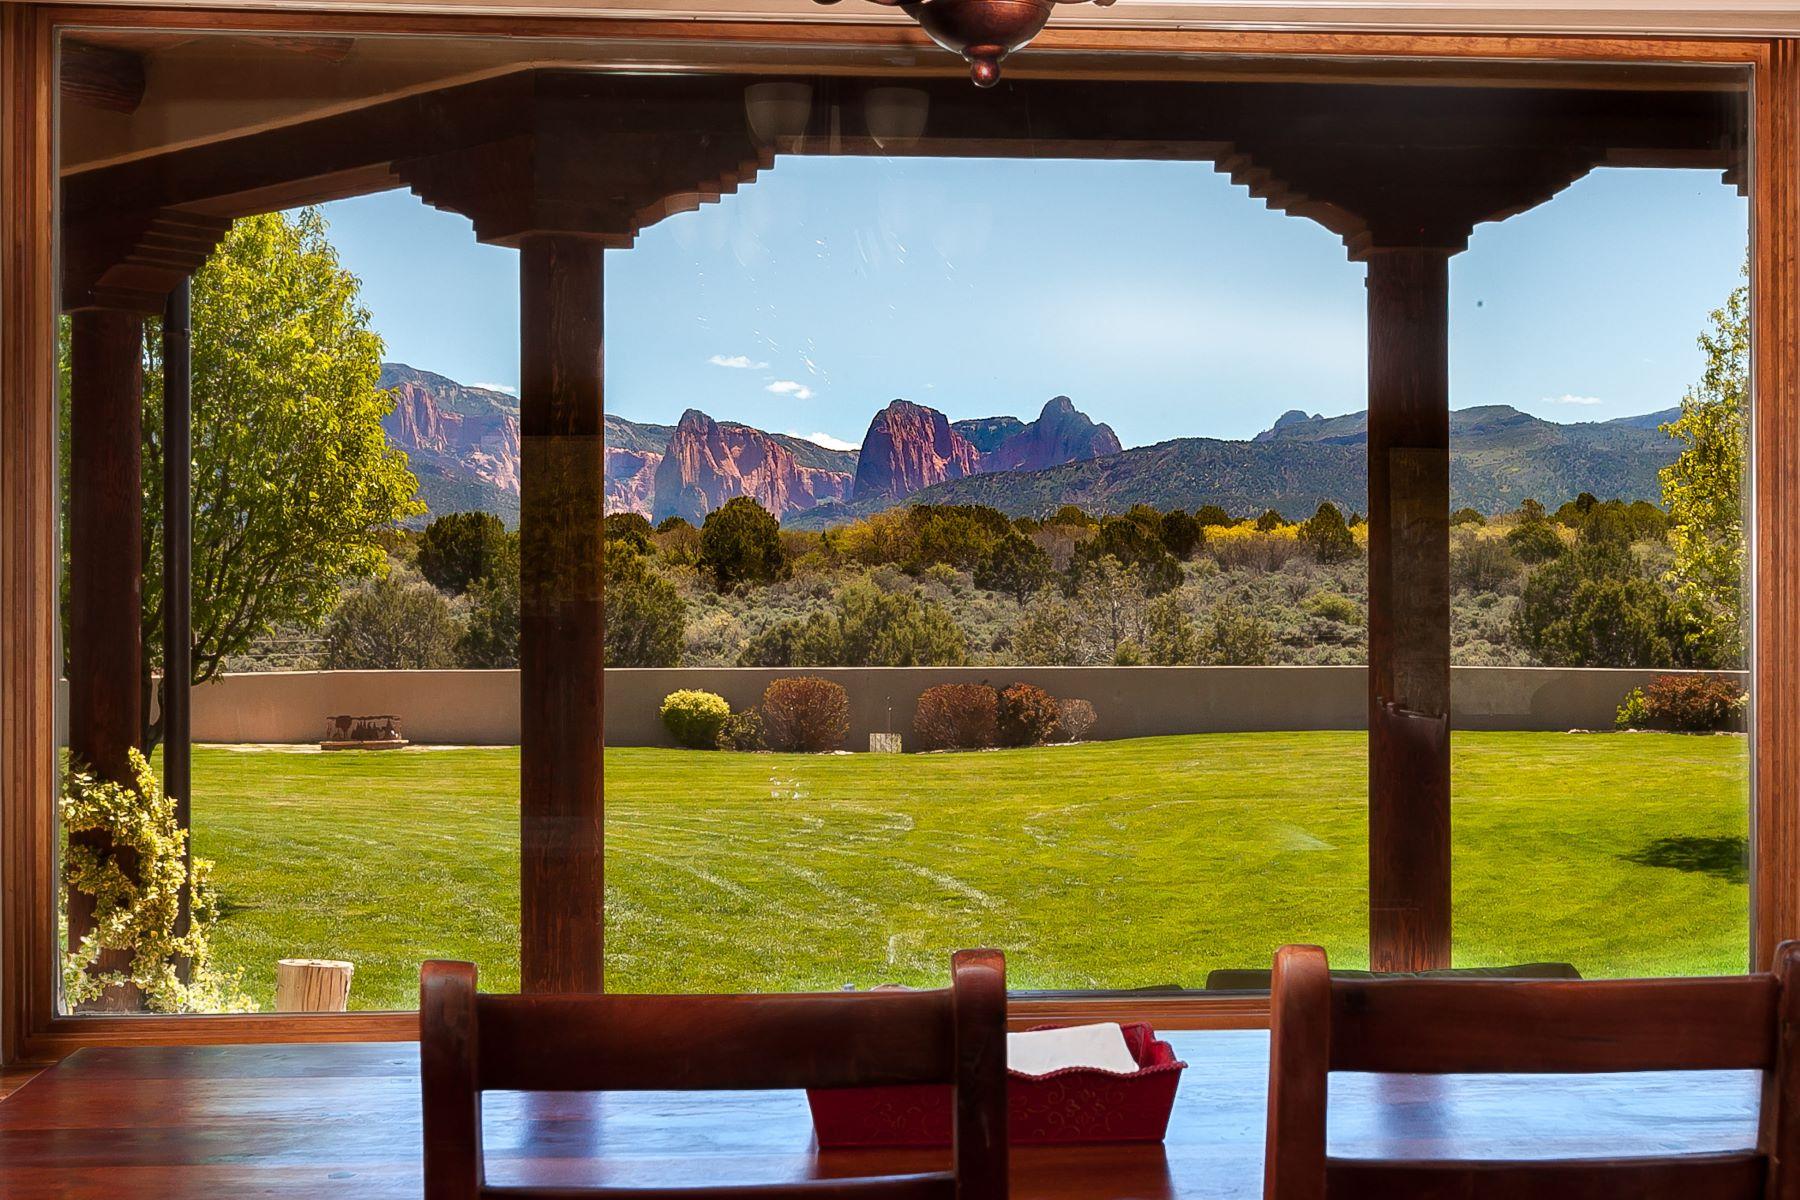 Частный односемейный дом для того Продажа на Equestrian Paradise with Zion's Kolob Canyon Views 755 South 1500 East New Harmony, Юта 84757 Соединенные Штаты